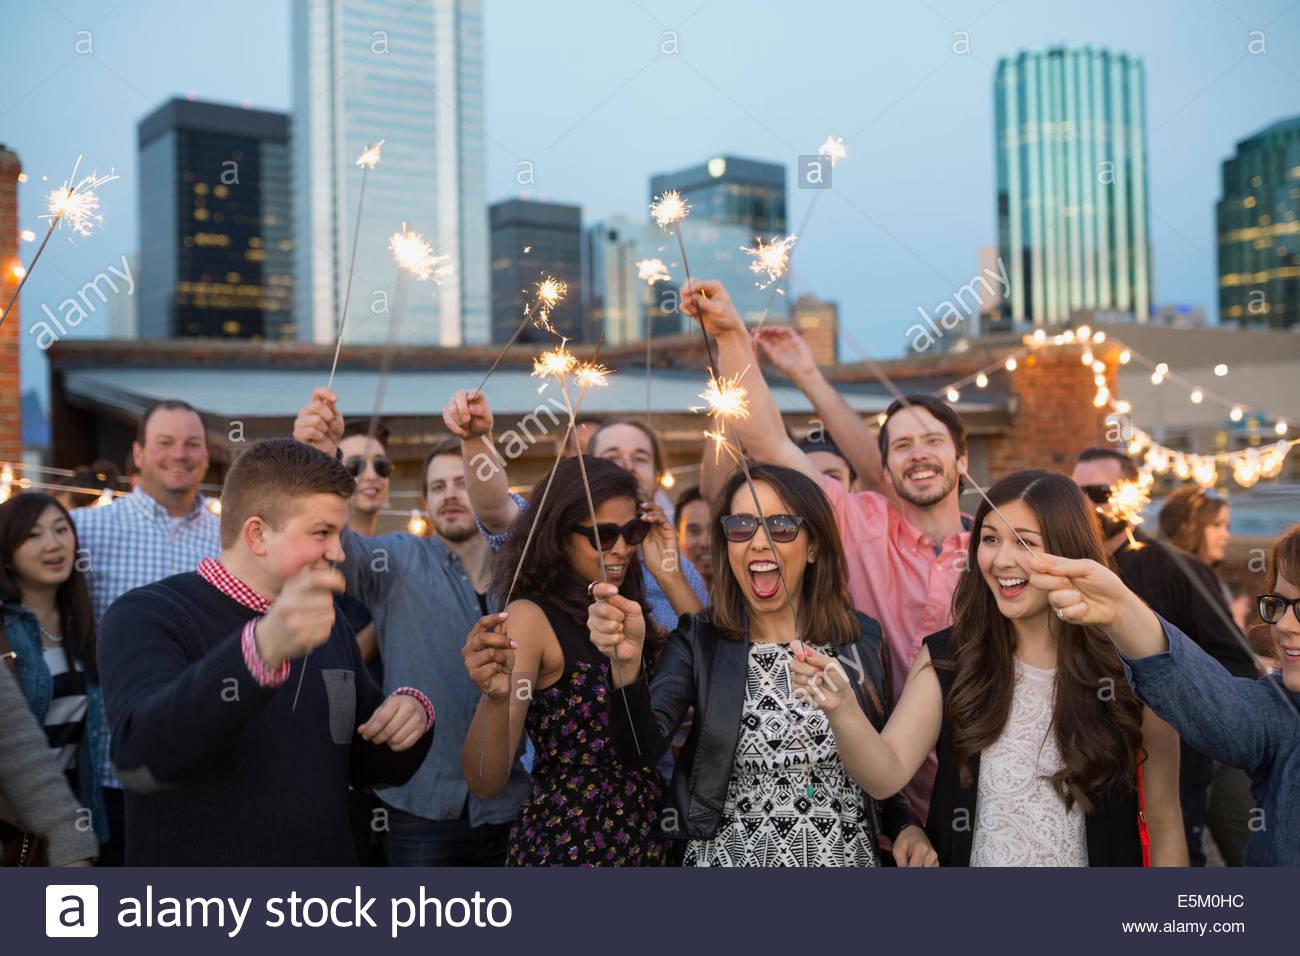 Amici con botti godendo urbano party sul tetto Immagini Stock